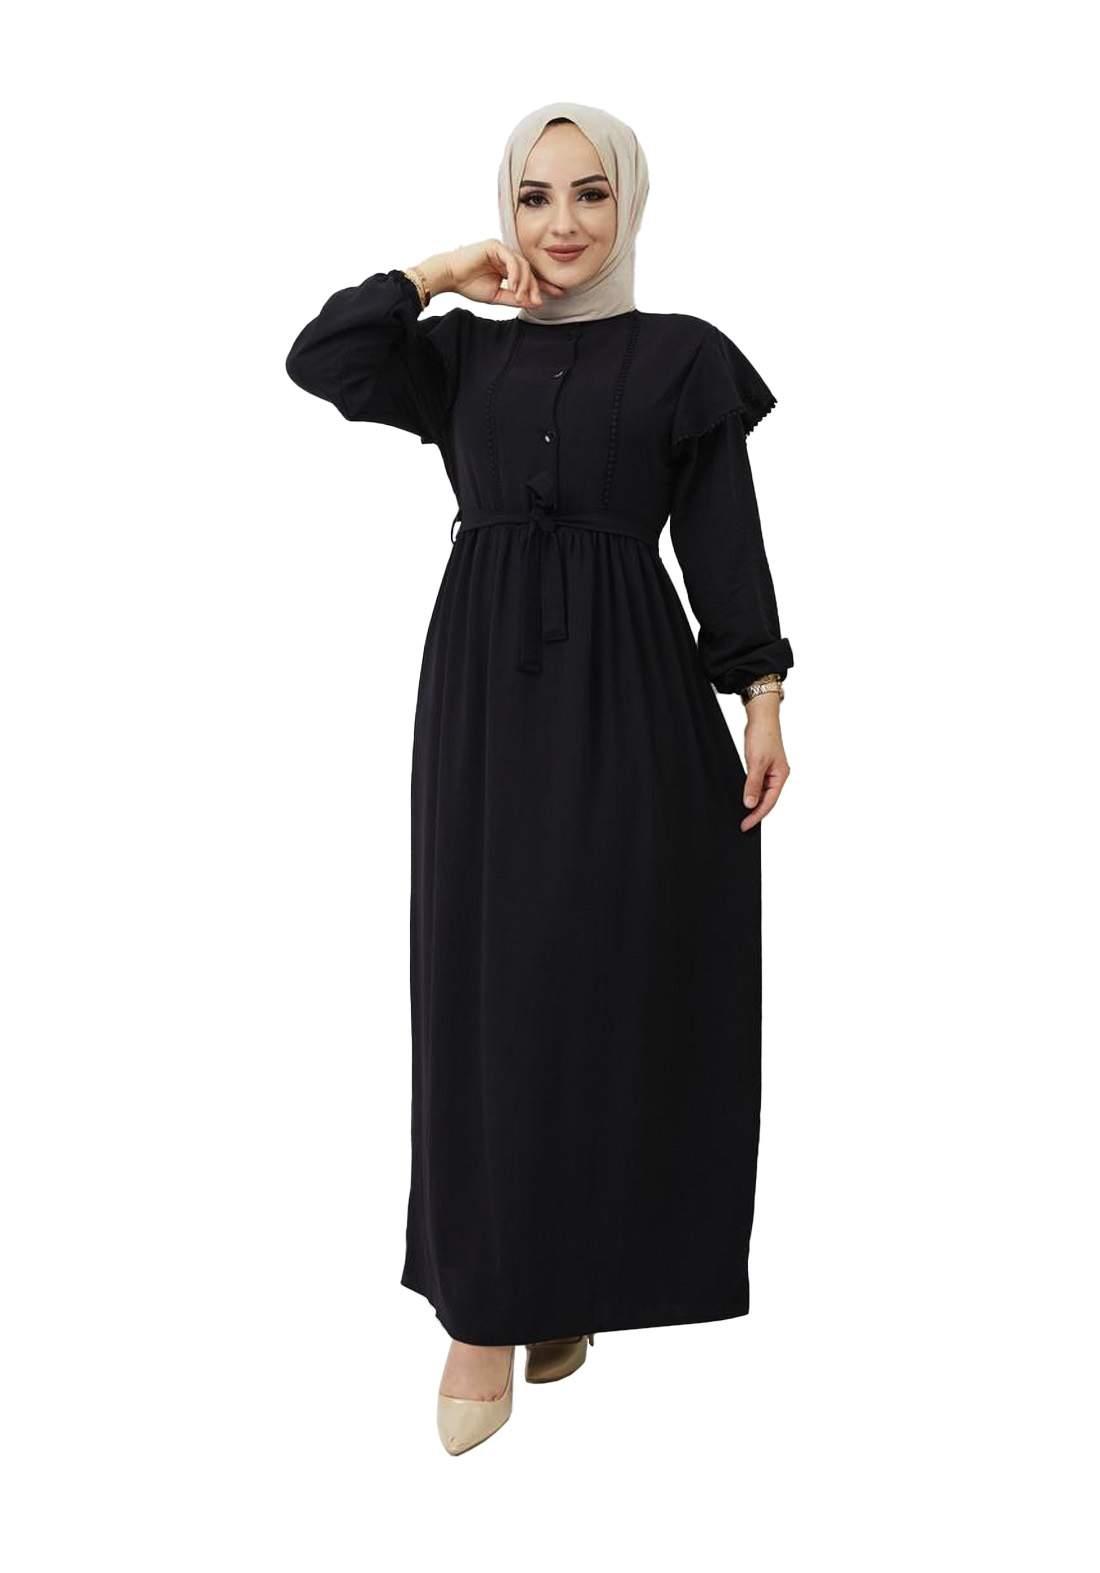 فستان نسائي طويل أسود اللون